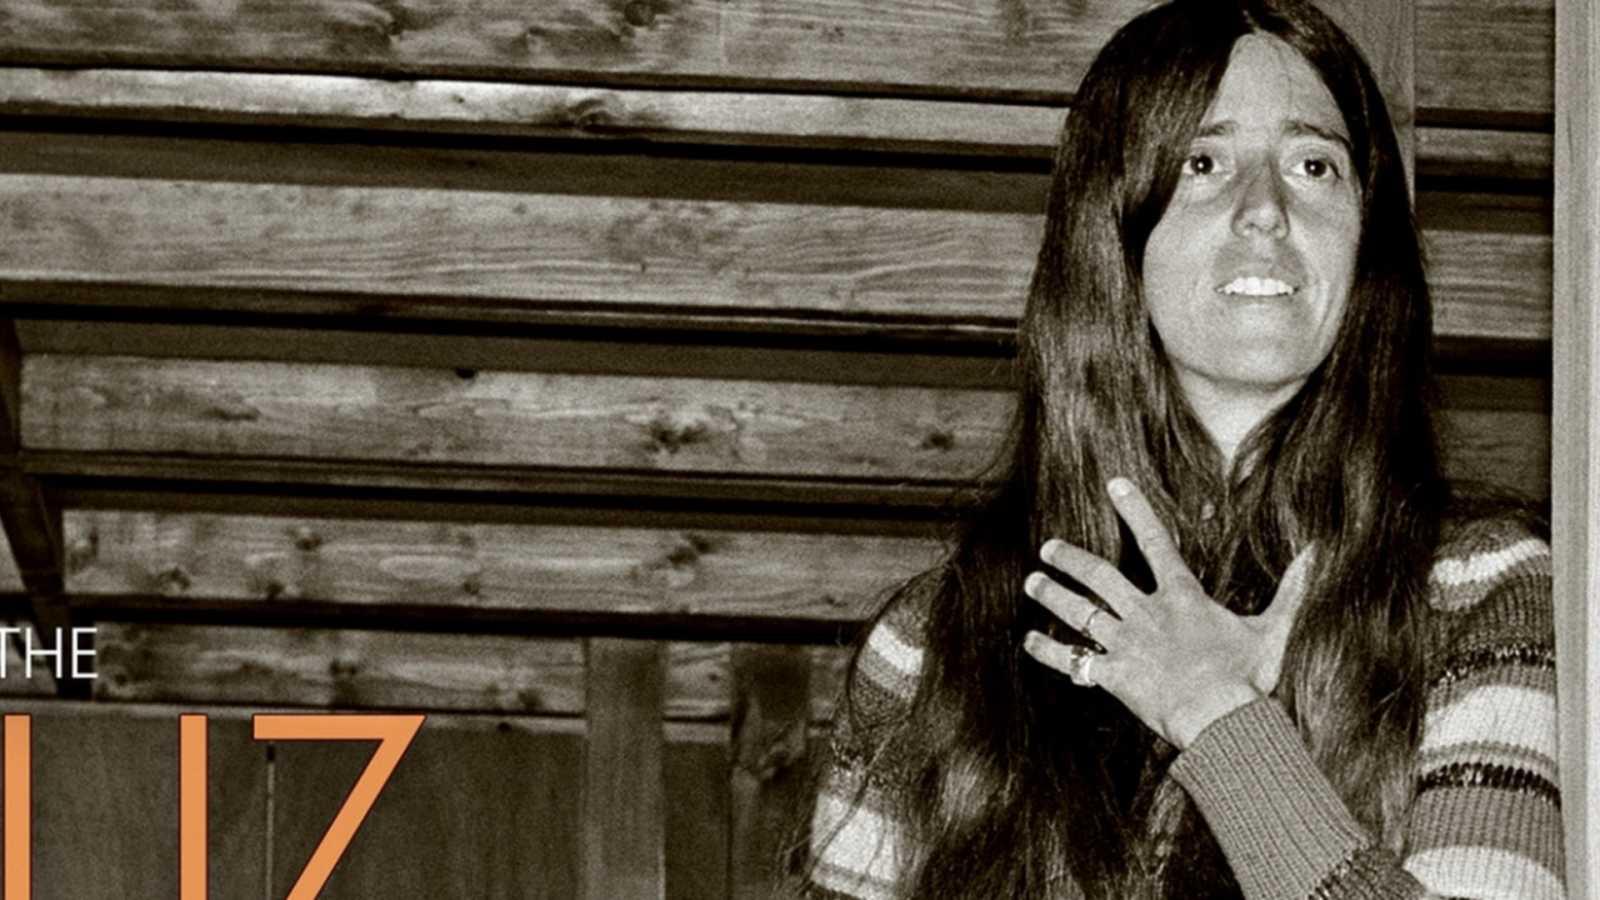 El musical -  The Liz Swados Project - primera parte - 07/06/20 - Escuchar ahora